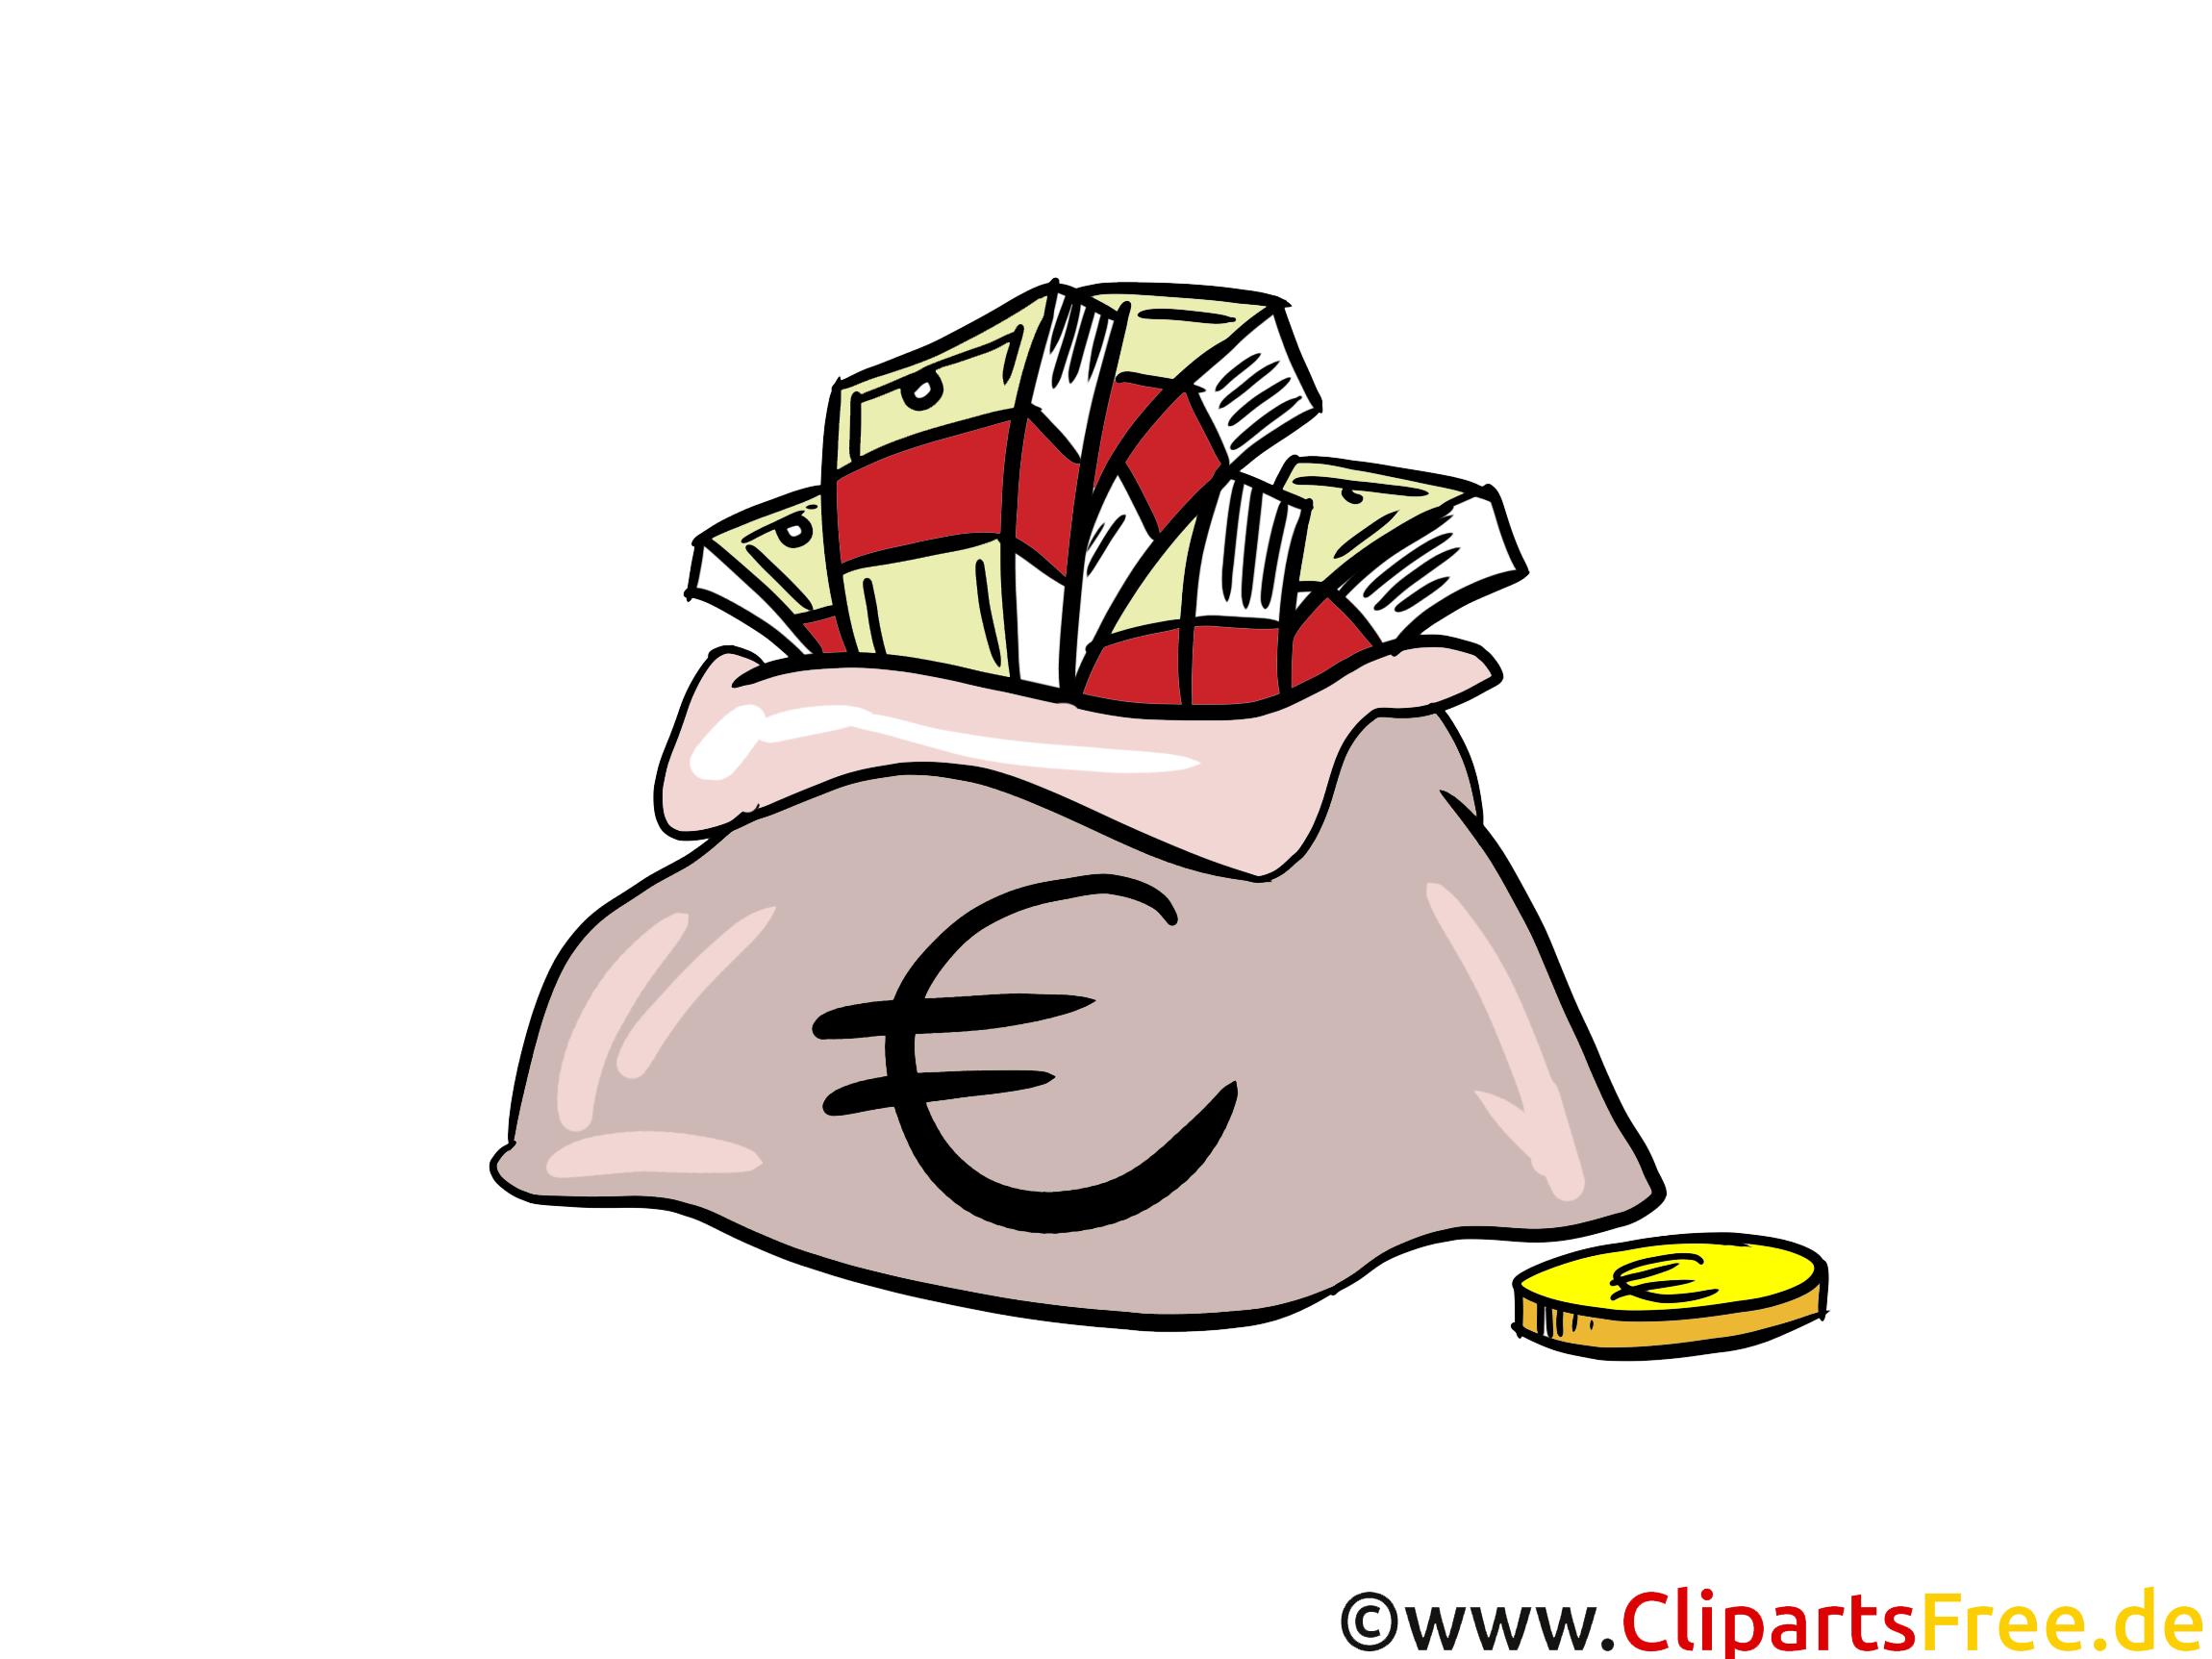 Kostenlose Geld Bilder, Gifs, Grafiken, Cliparts, Anigifs